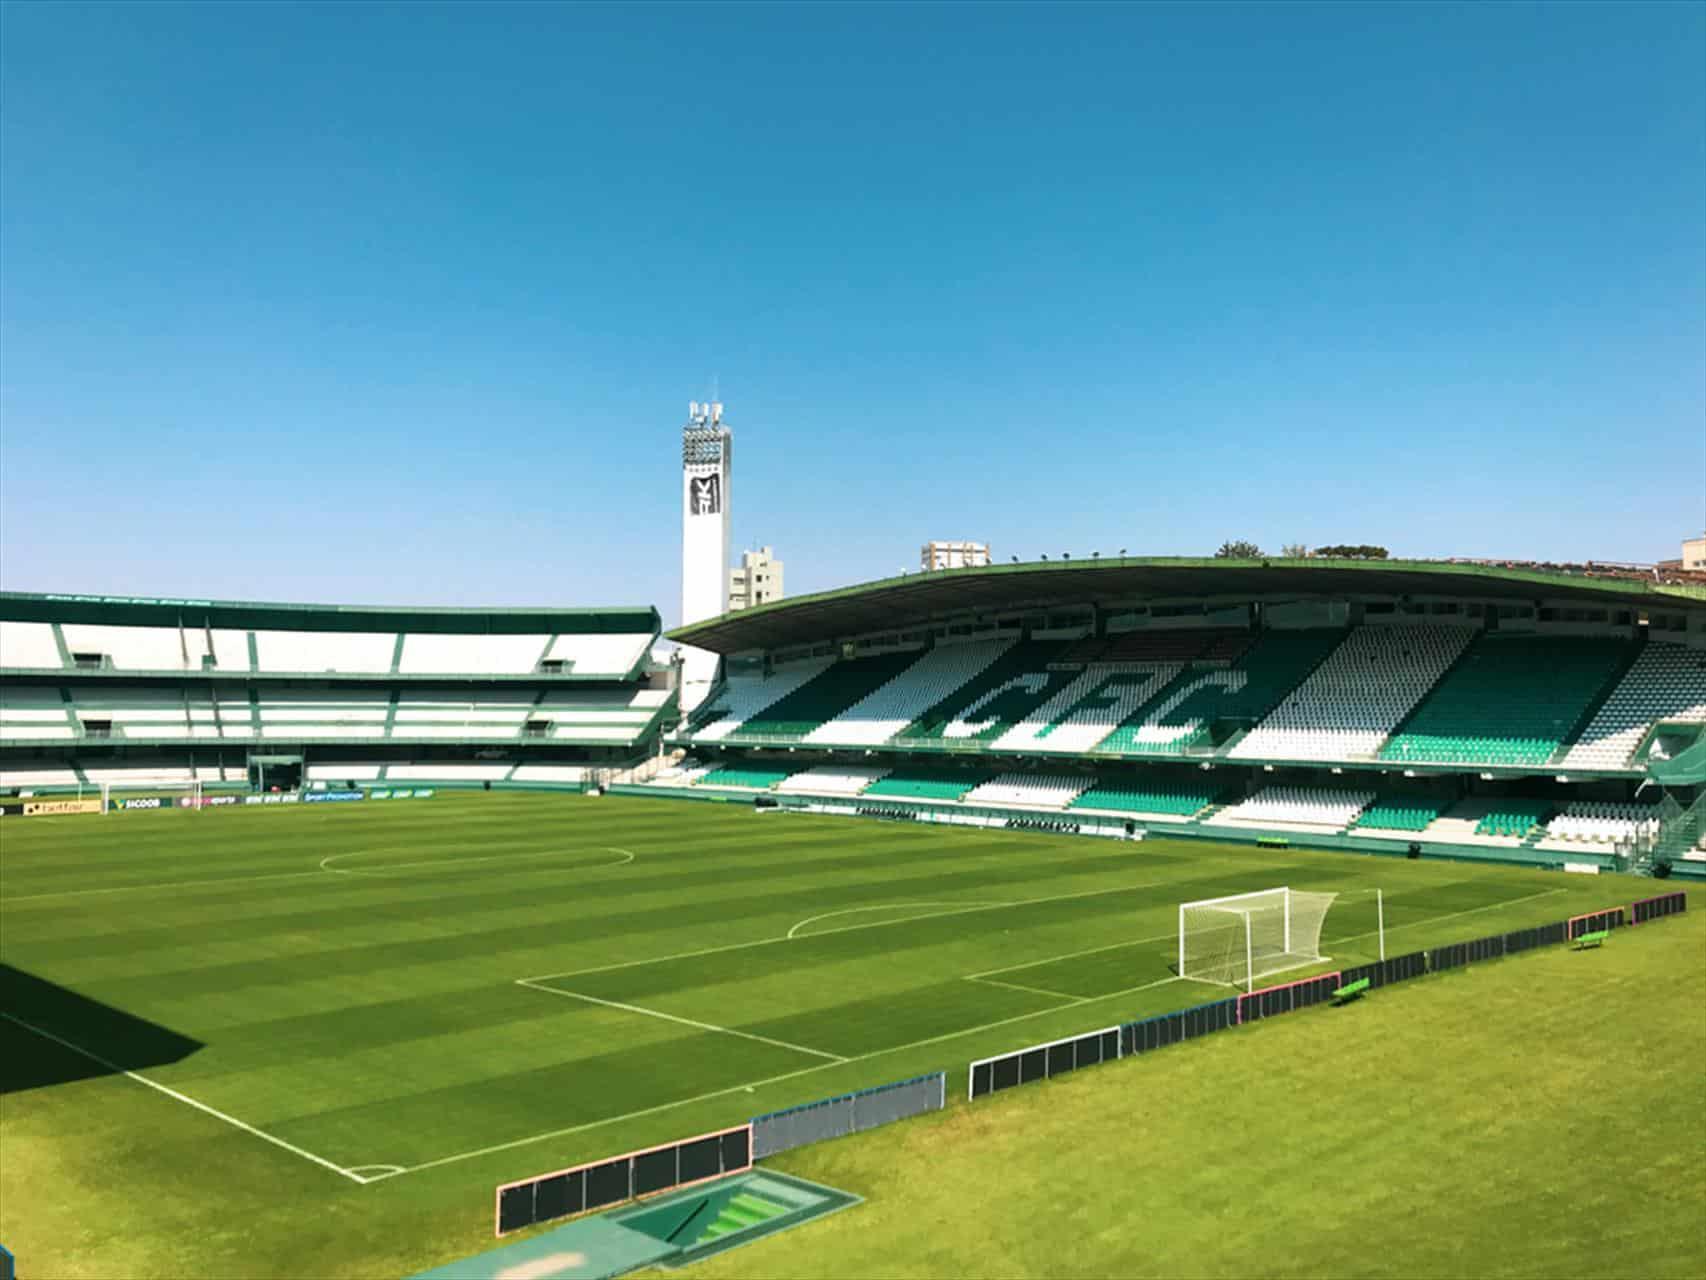 Com objetivos distintos, Coritiba e Vila Nova se enfrentam na noite desta sexta-feira (17), às 19h, no Estádio Couto Pereira, em Curitiba-PR